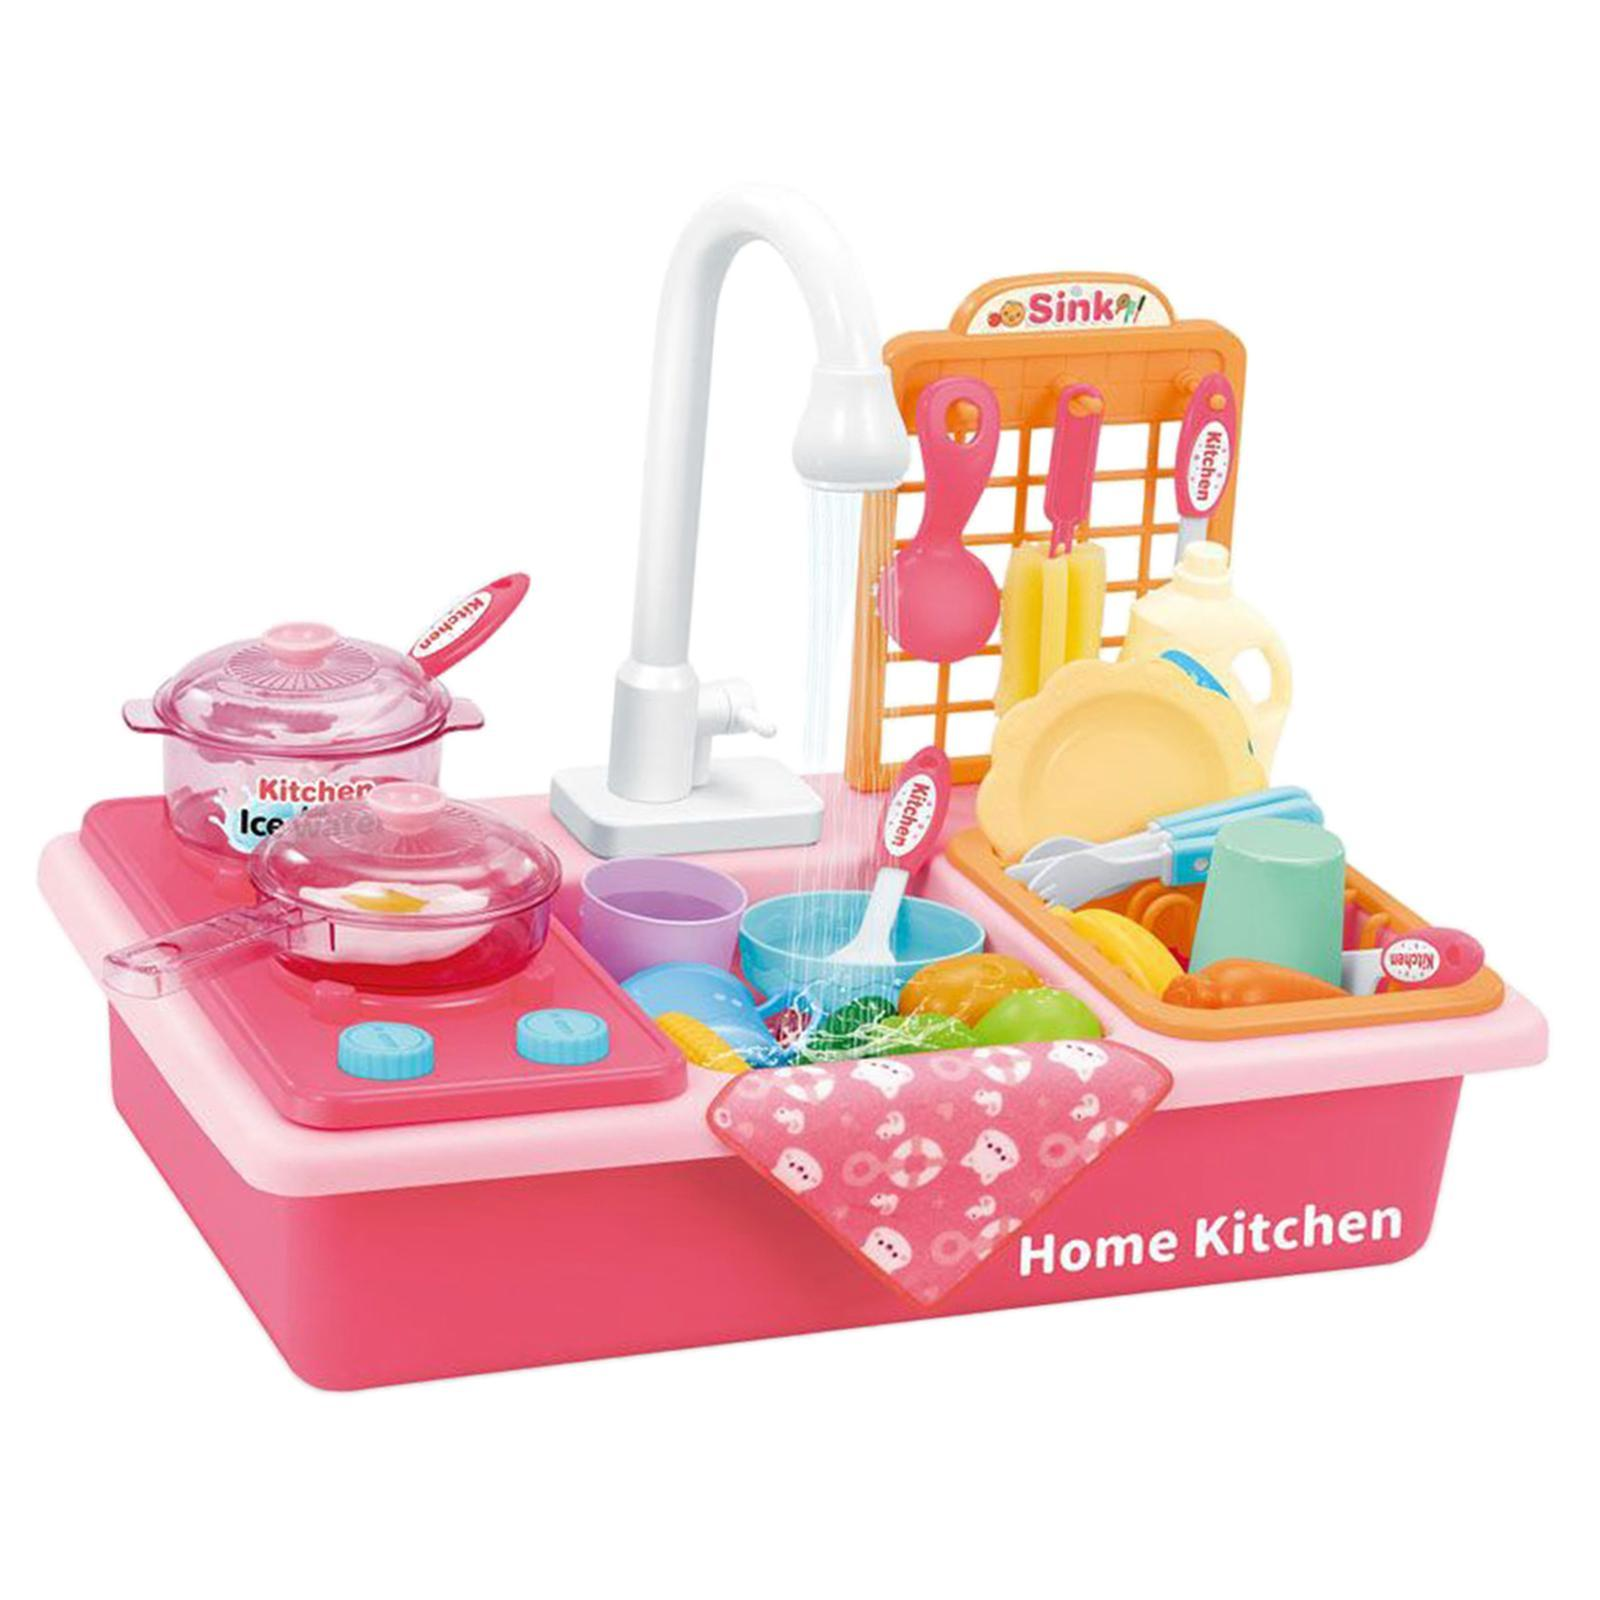 Indexbild 33 - Kinder-Kueche-Spielen-Waschbecken-Spielzeug-Automatische-Wasser-Zyklus-System